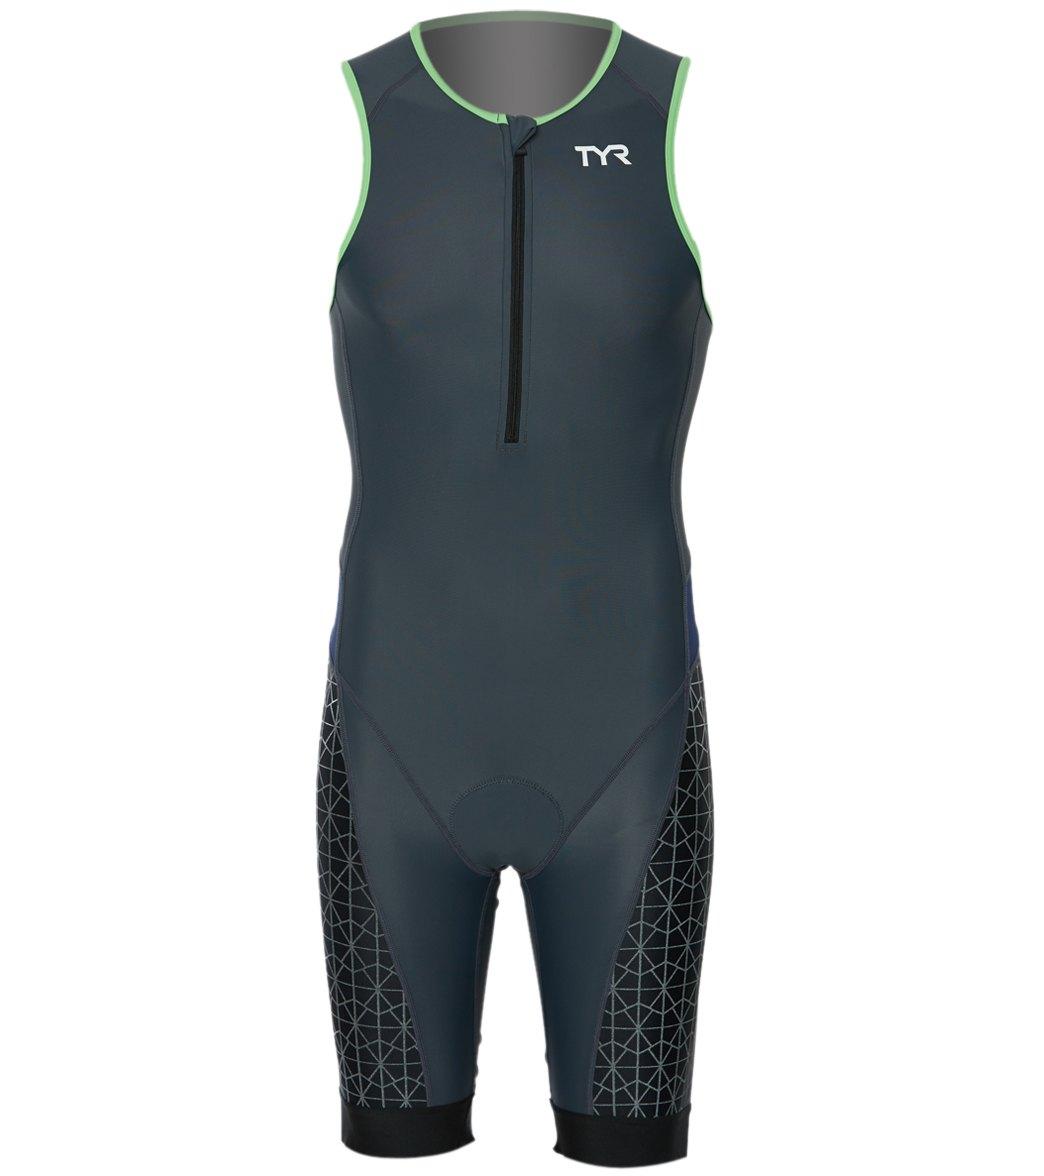 e5e1e22f62 TYR Men's Competitor Tri Suit at SwimOutlet.com - Free Shipping